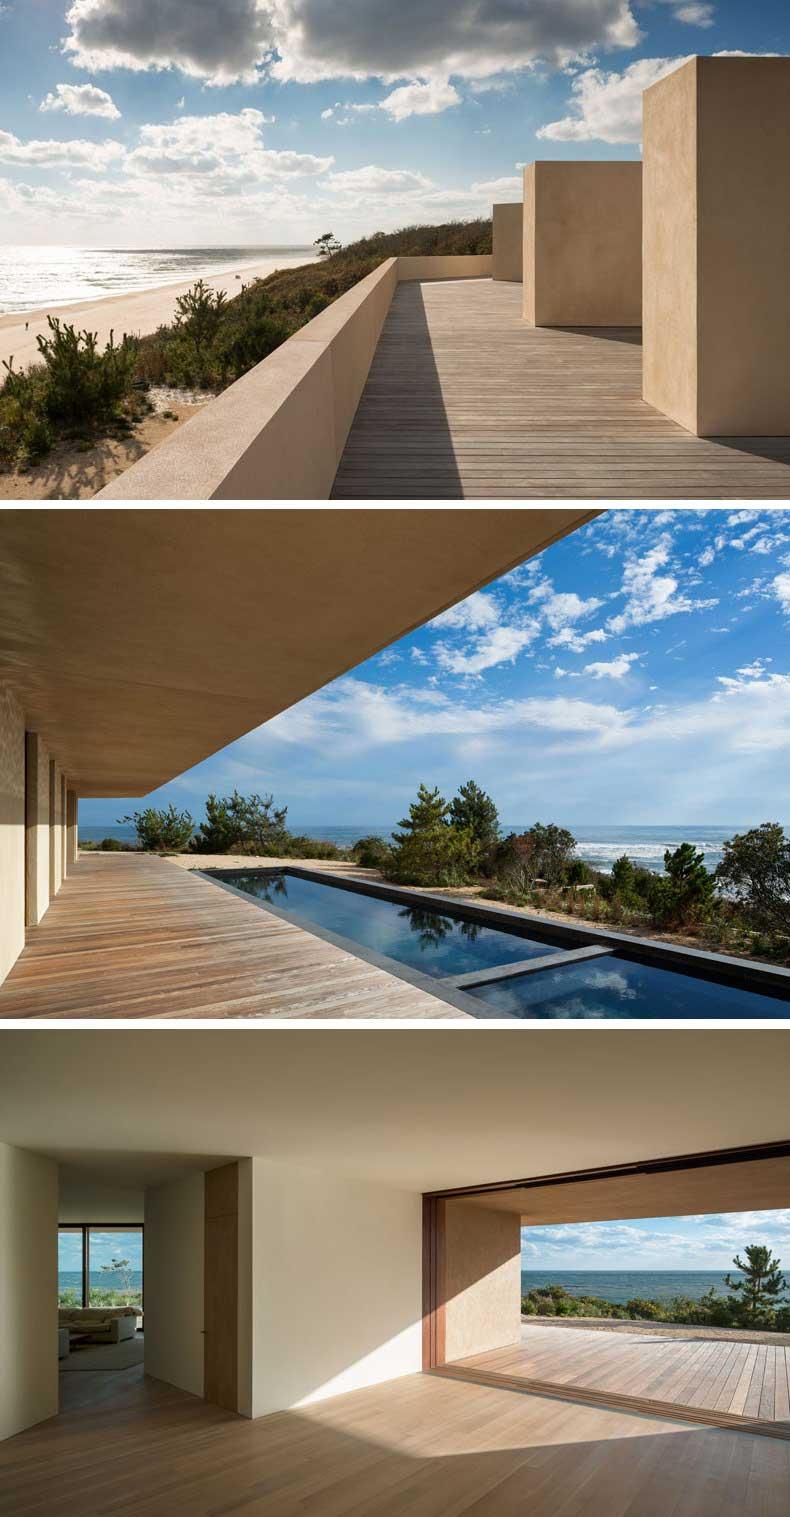 9 Casas Minimalistas Con Arquitectura Y Dise O De Locos